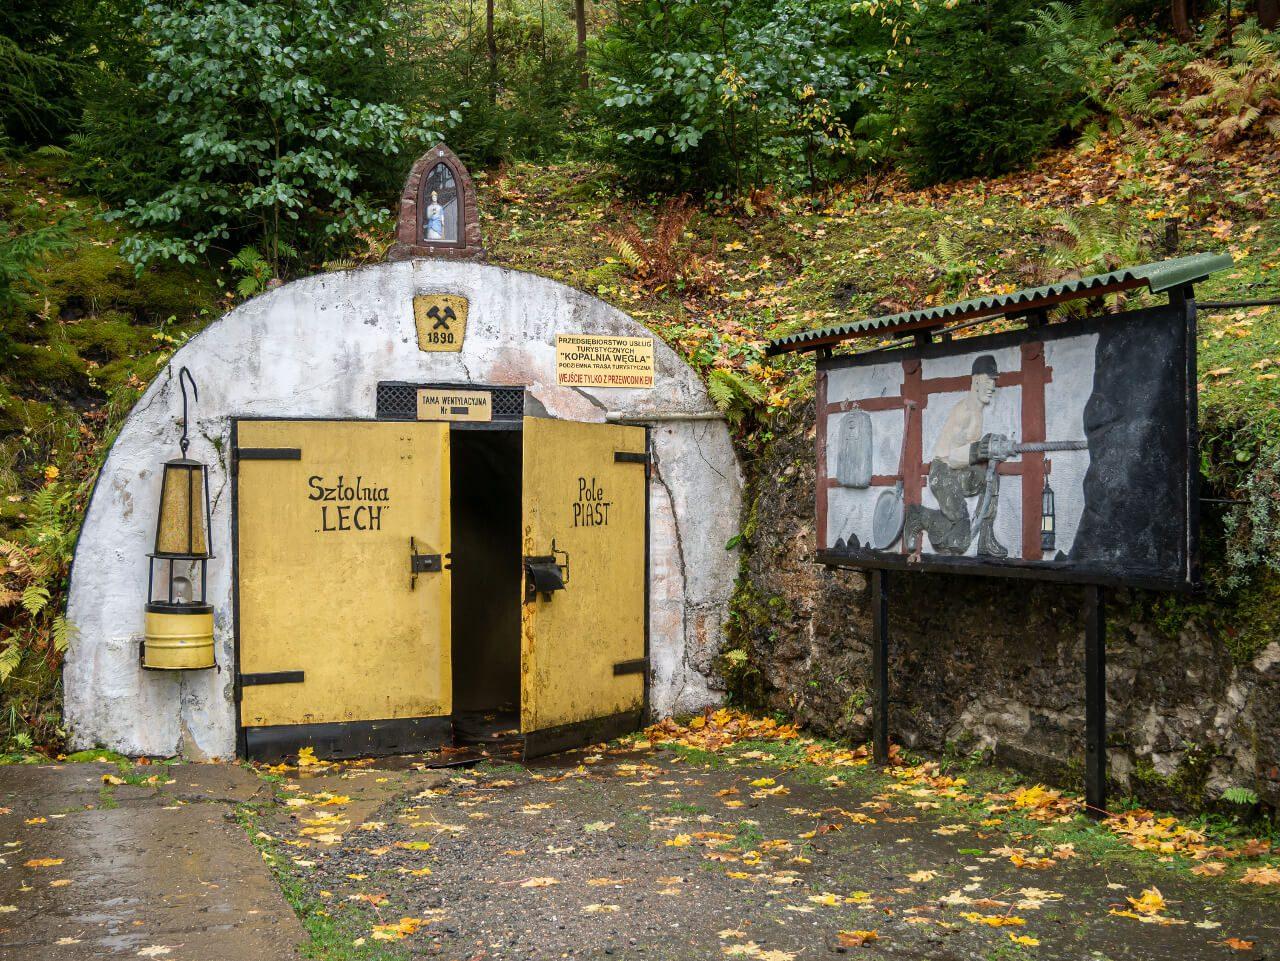 Wejście do sztolni Lech Nowa Ruda